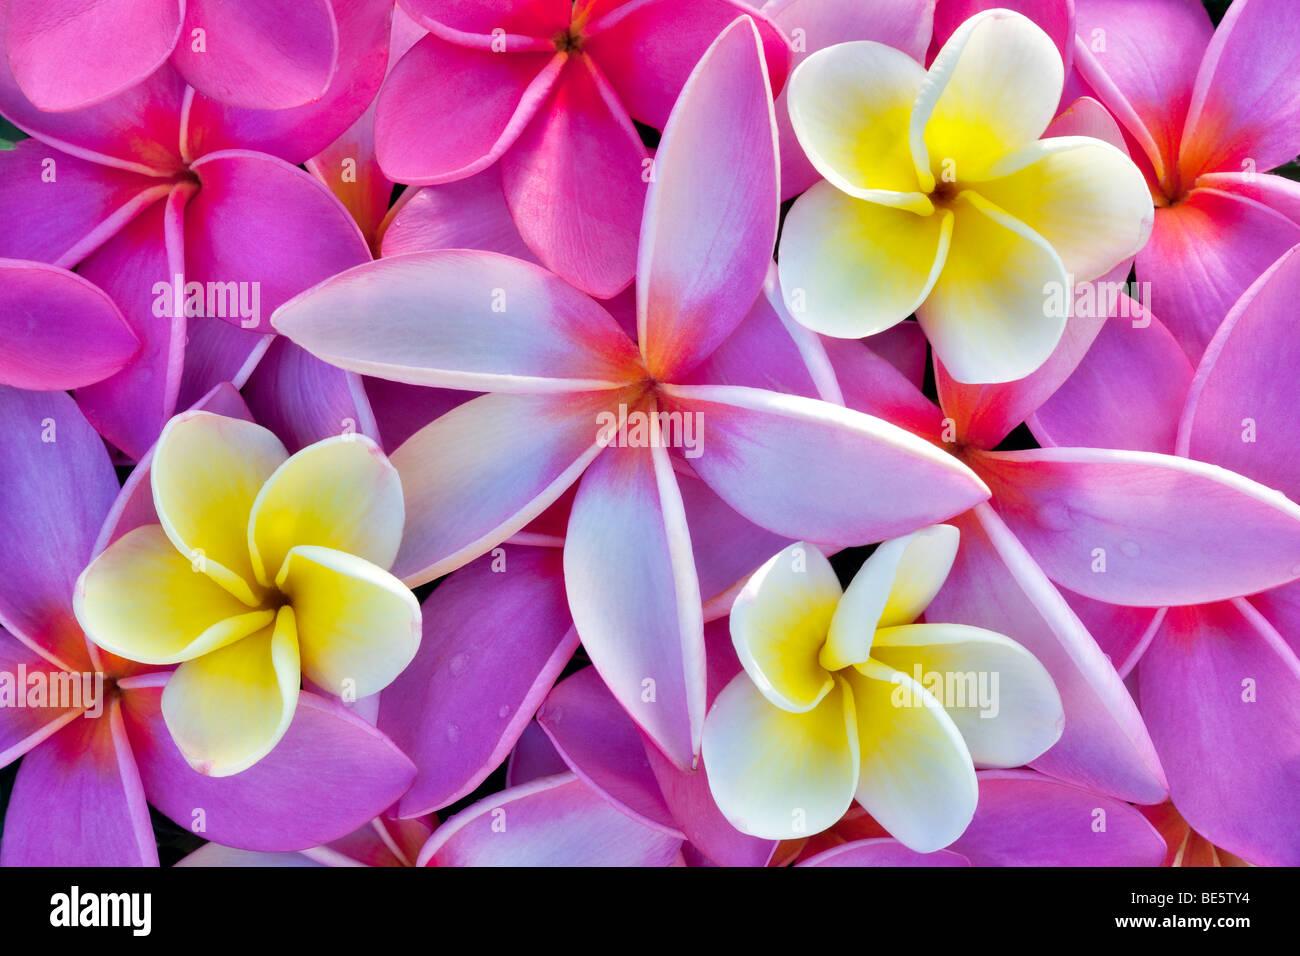 Rosso e giallo plumeria o frangipani. Kauai, Hawaii. Immagini Stock